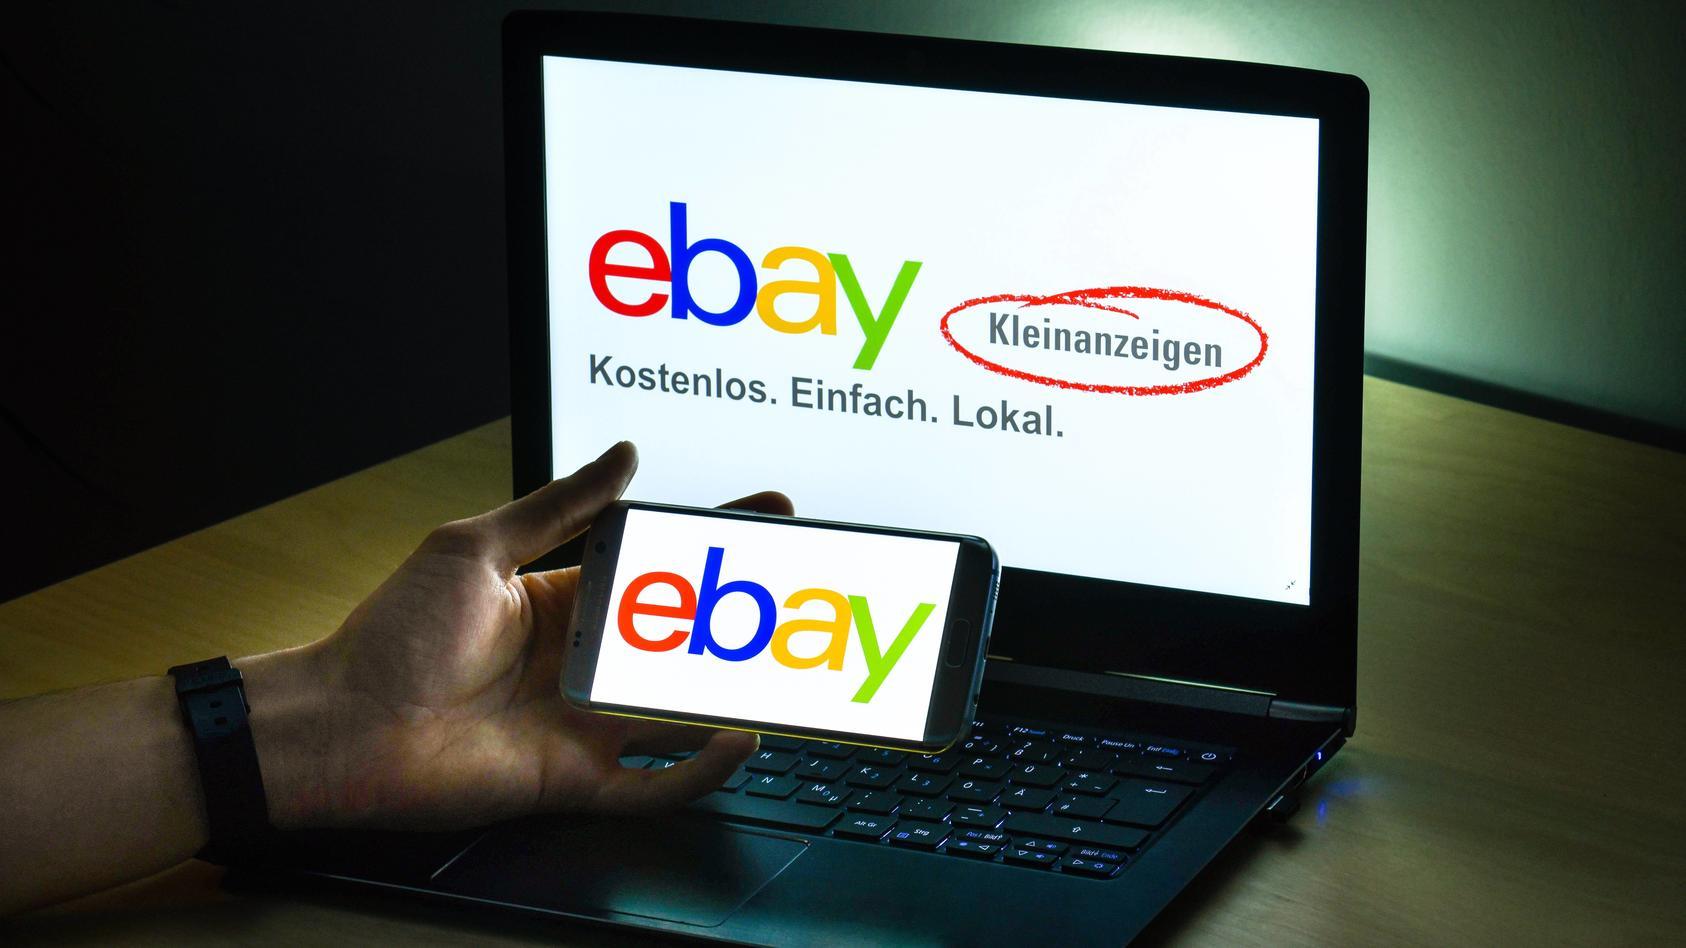 Logo ebay Kleinanzeigen